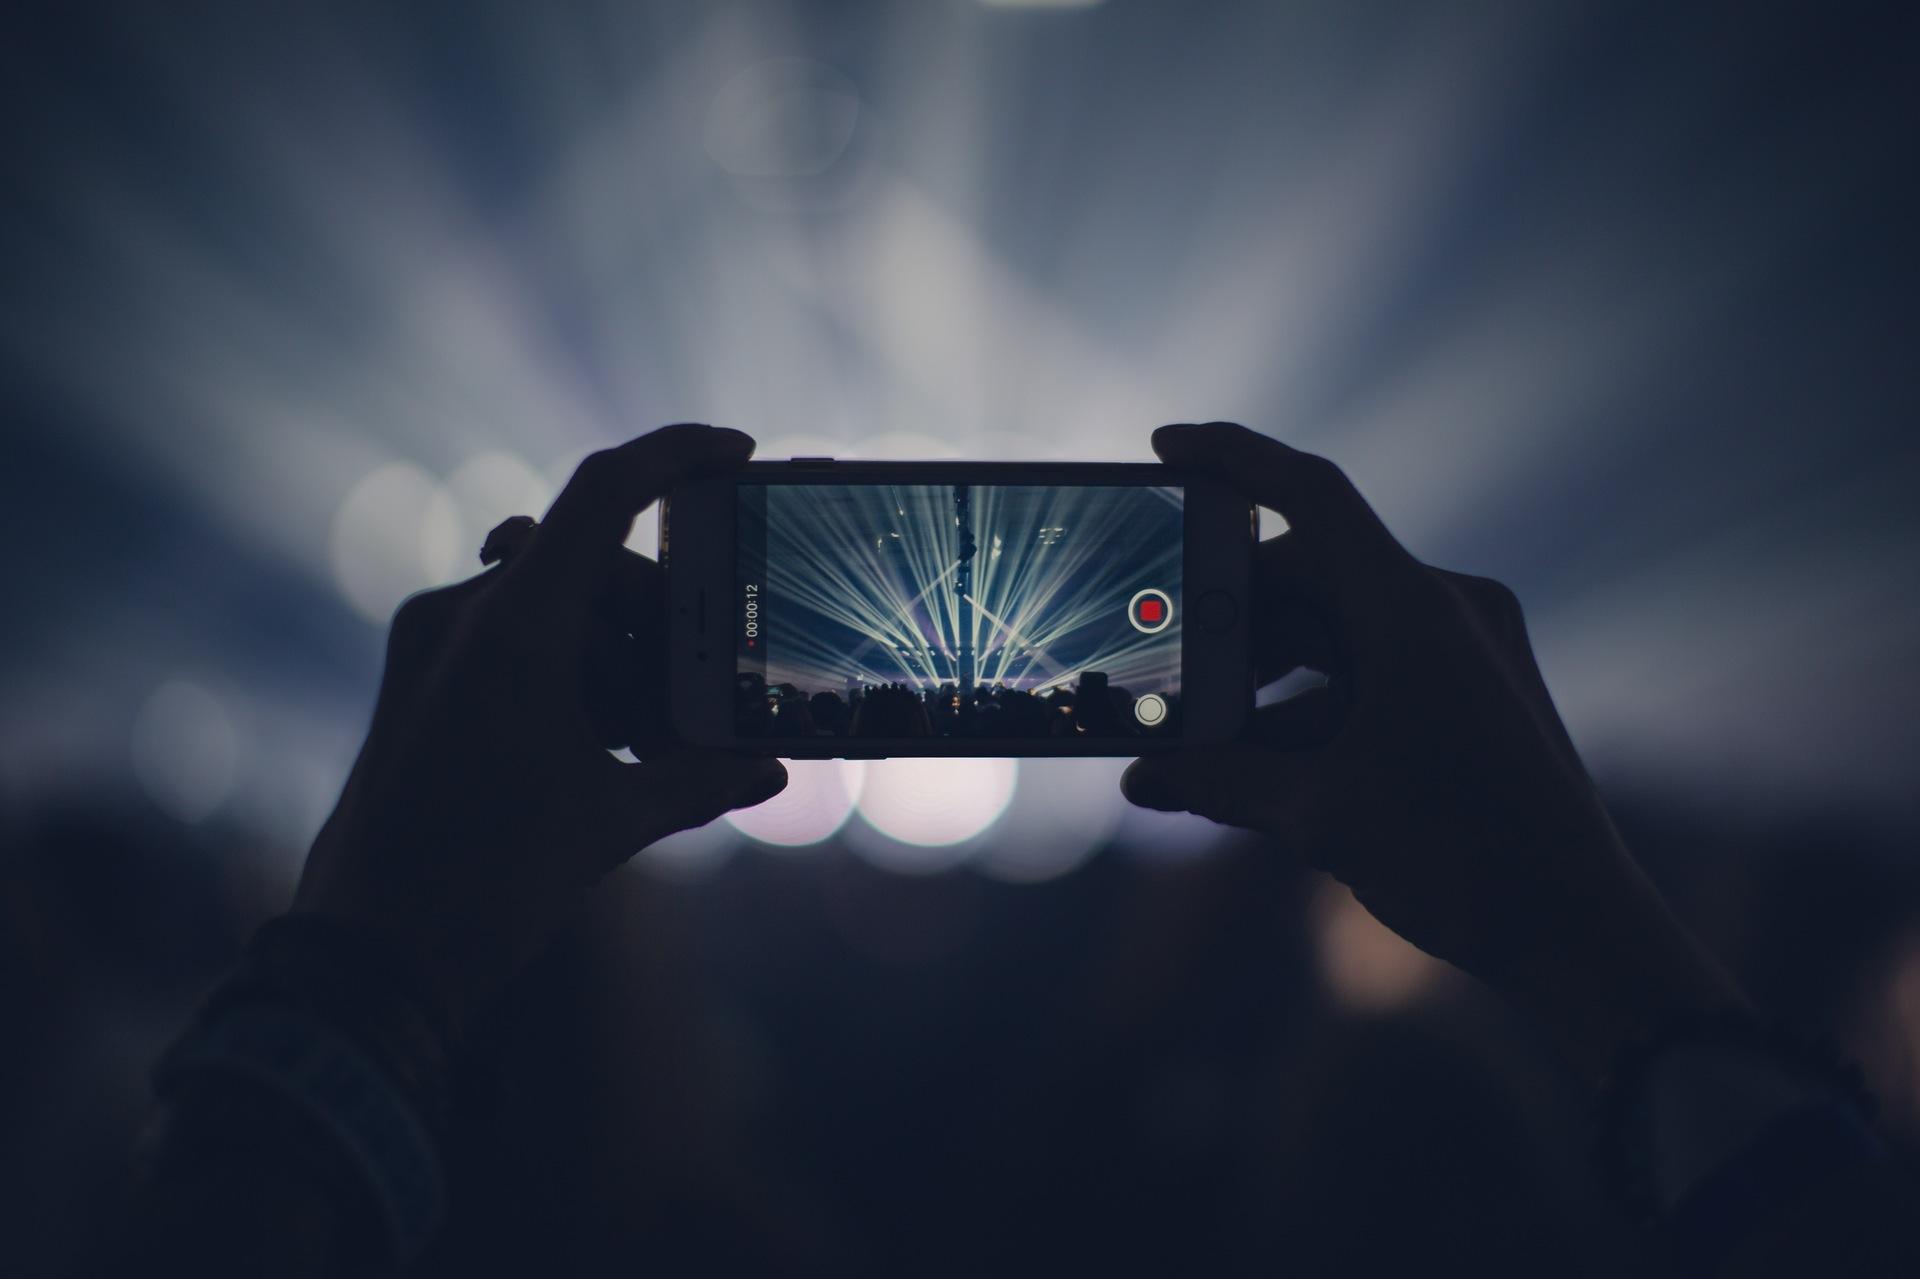 Концерт, партия, Мобильные, фары, воспоминания, видео, запись - Обои HD - Профессор falken.com